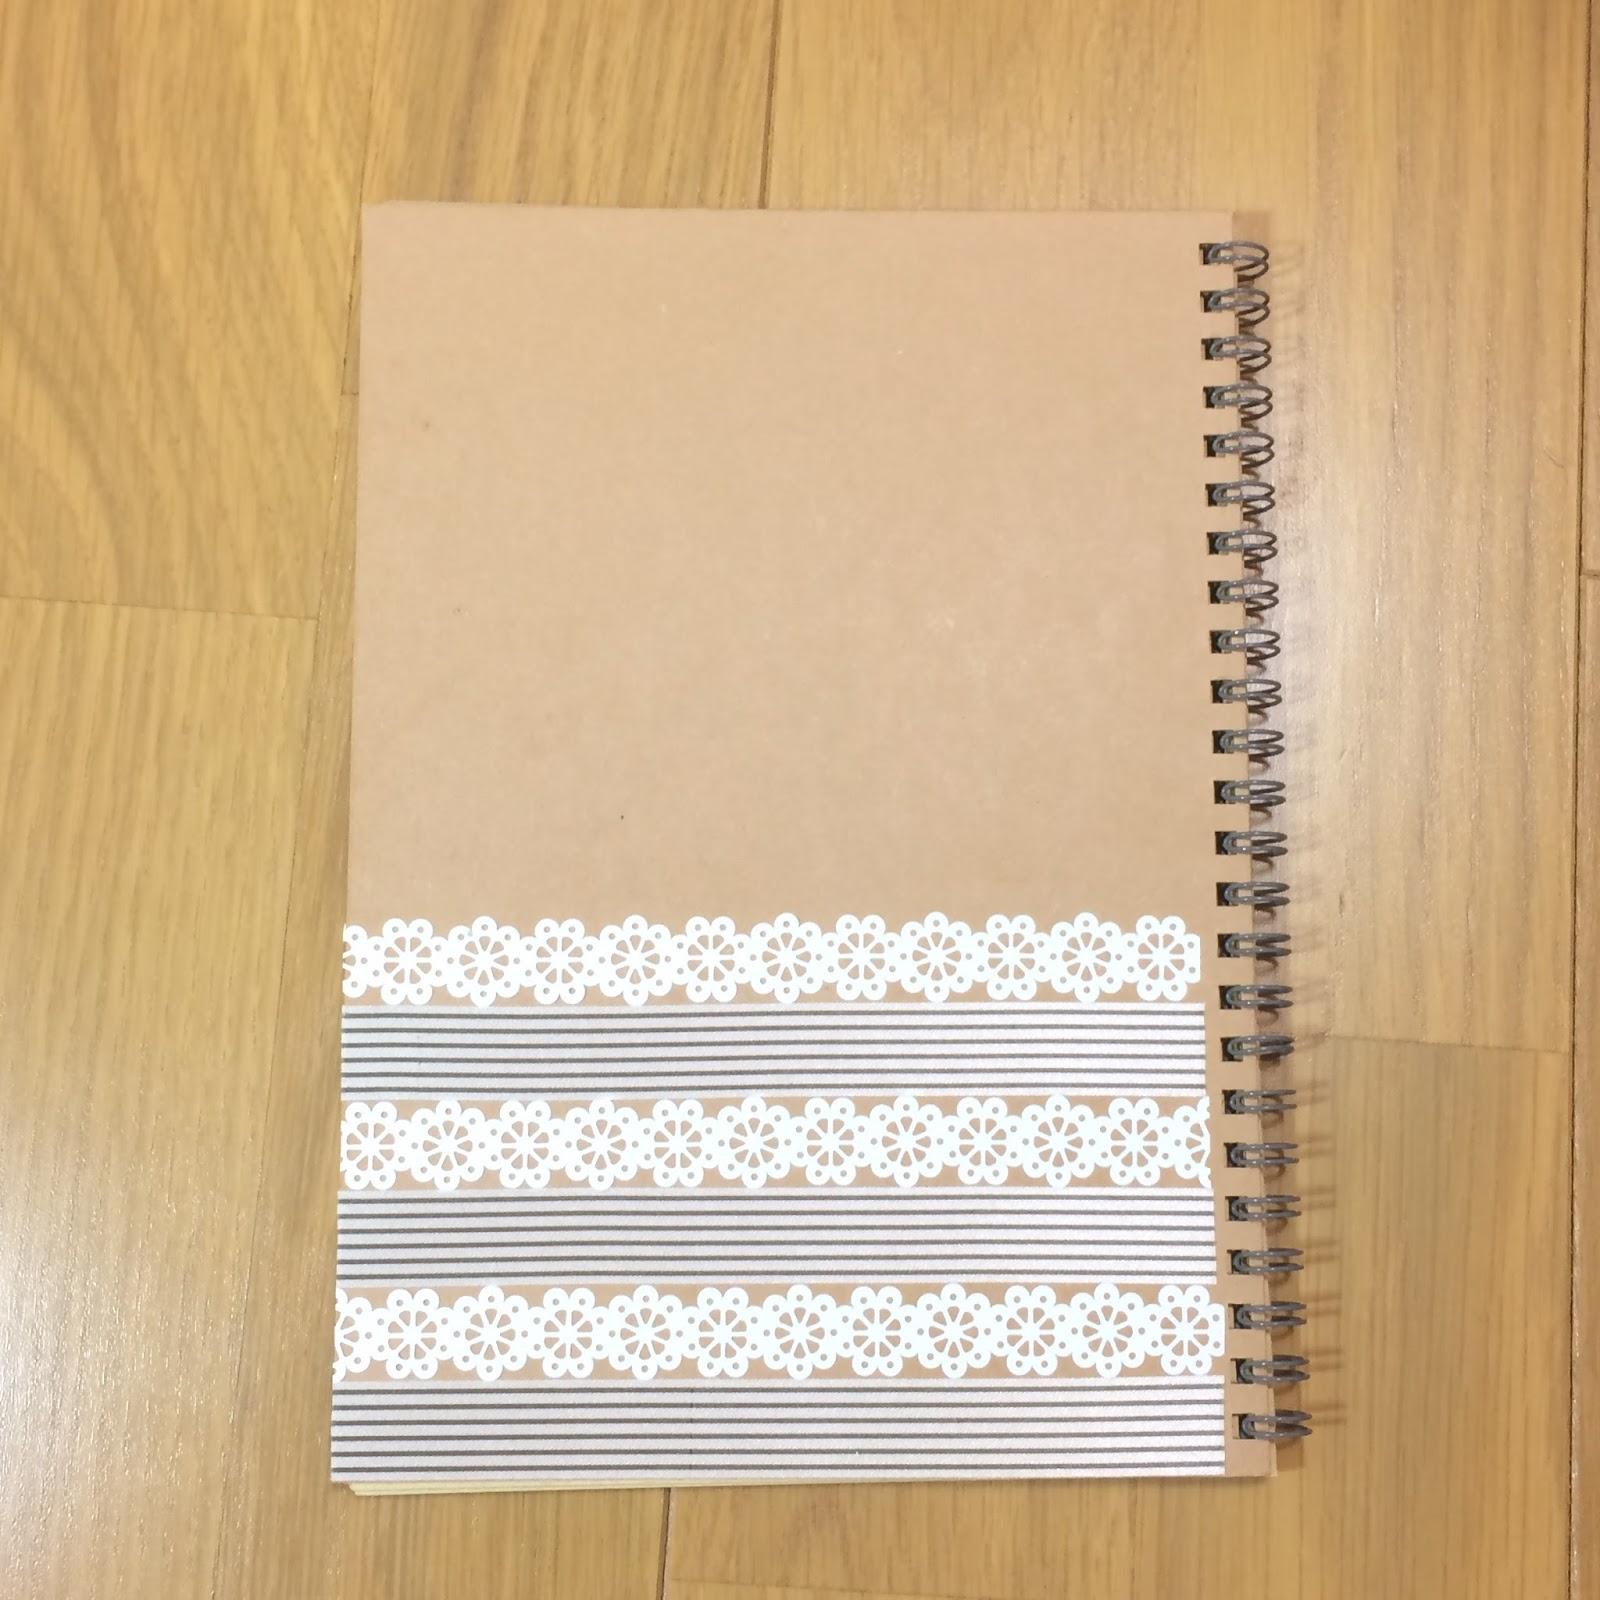 クラフトデスクノート・マンスリー帳をアレンジ12